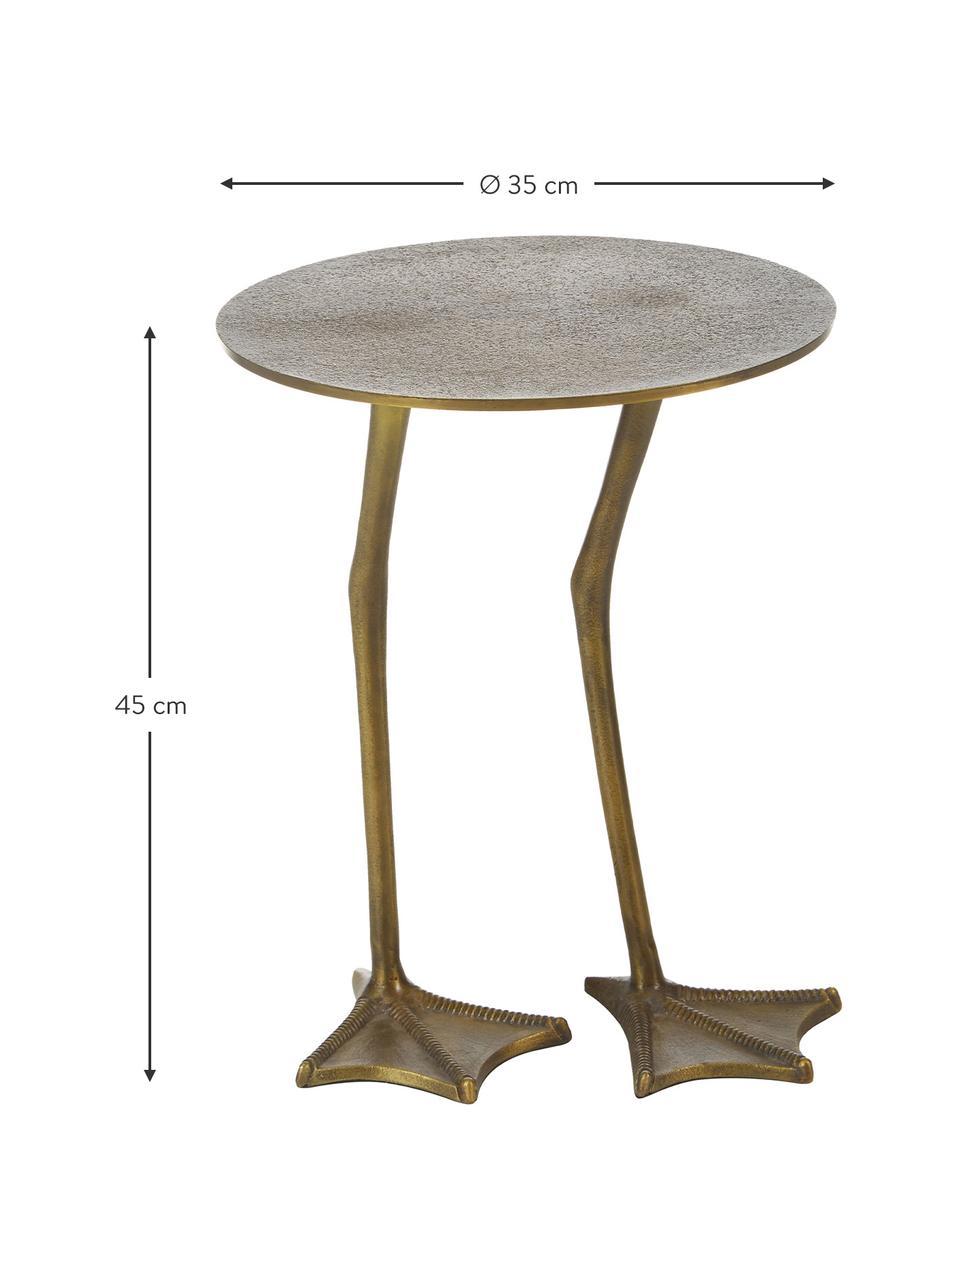 Table d'appoint design Duck, Couleur dorée